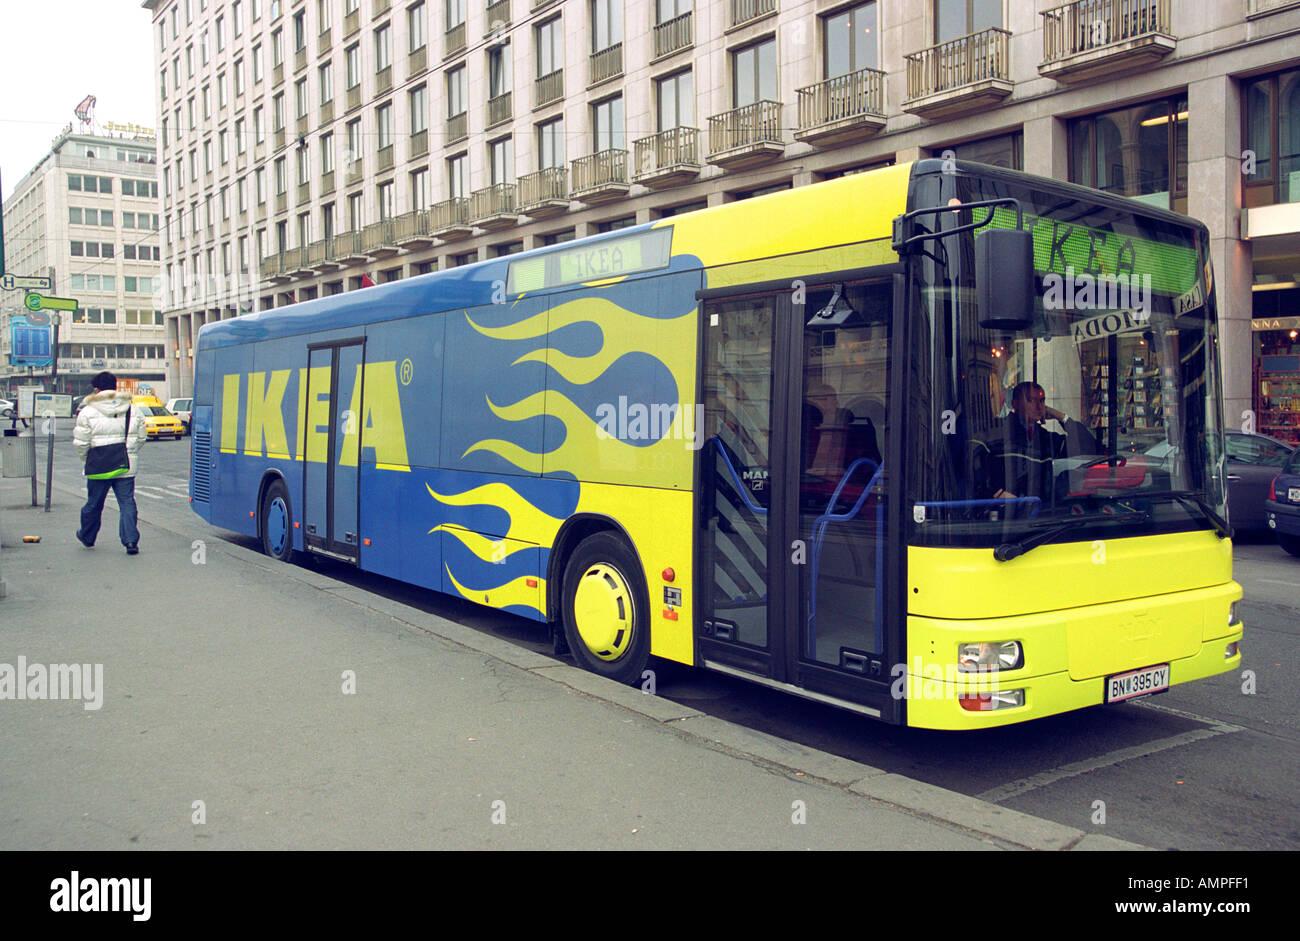 Ikea Bus In Wien österreich Stockfoto Bild 2846704 Alamy